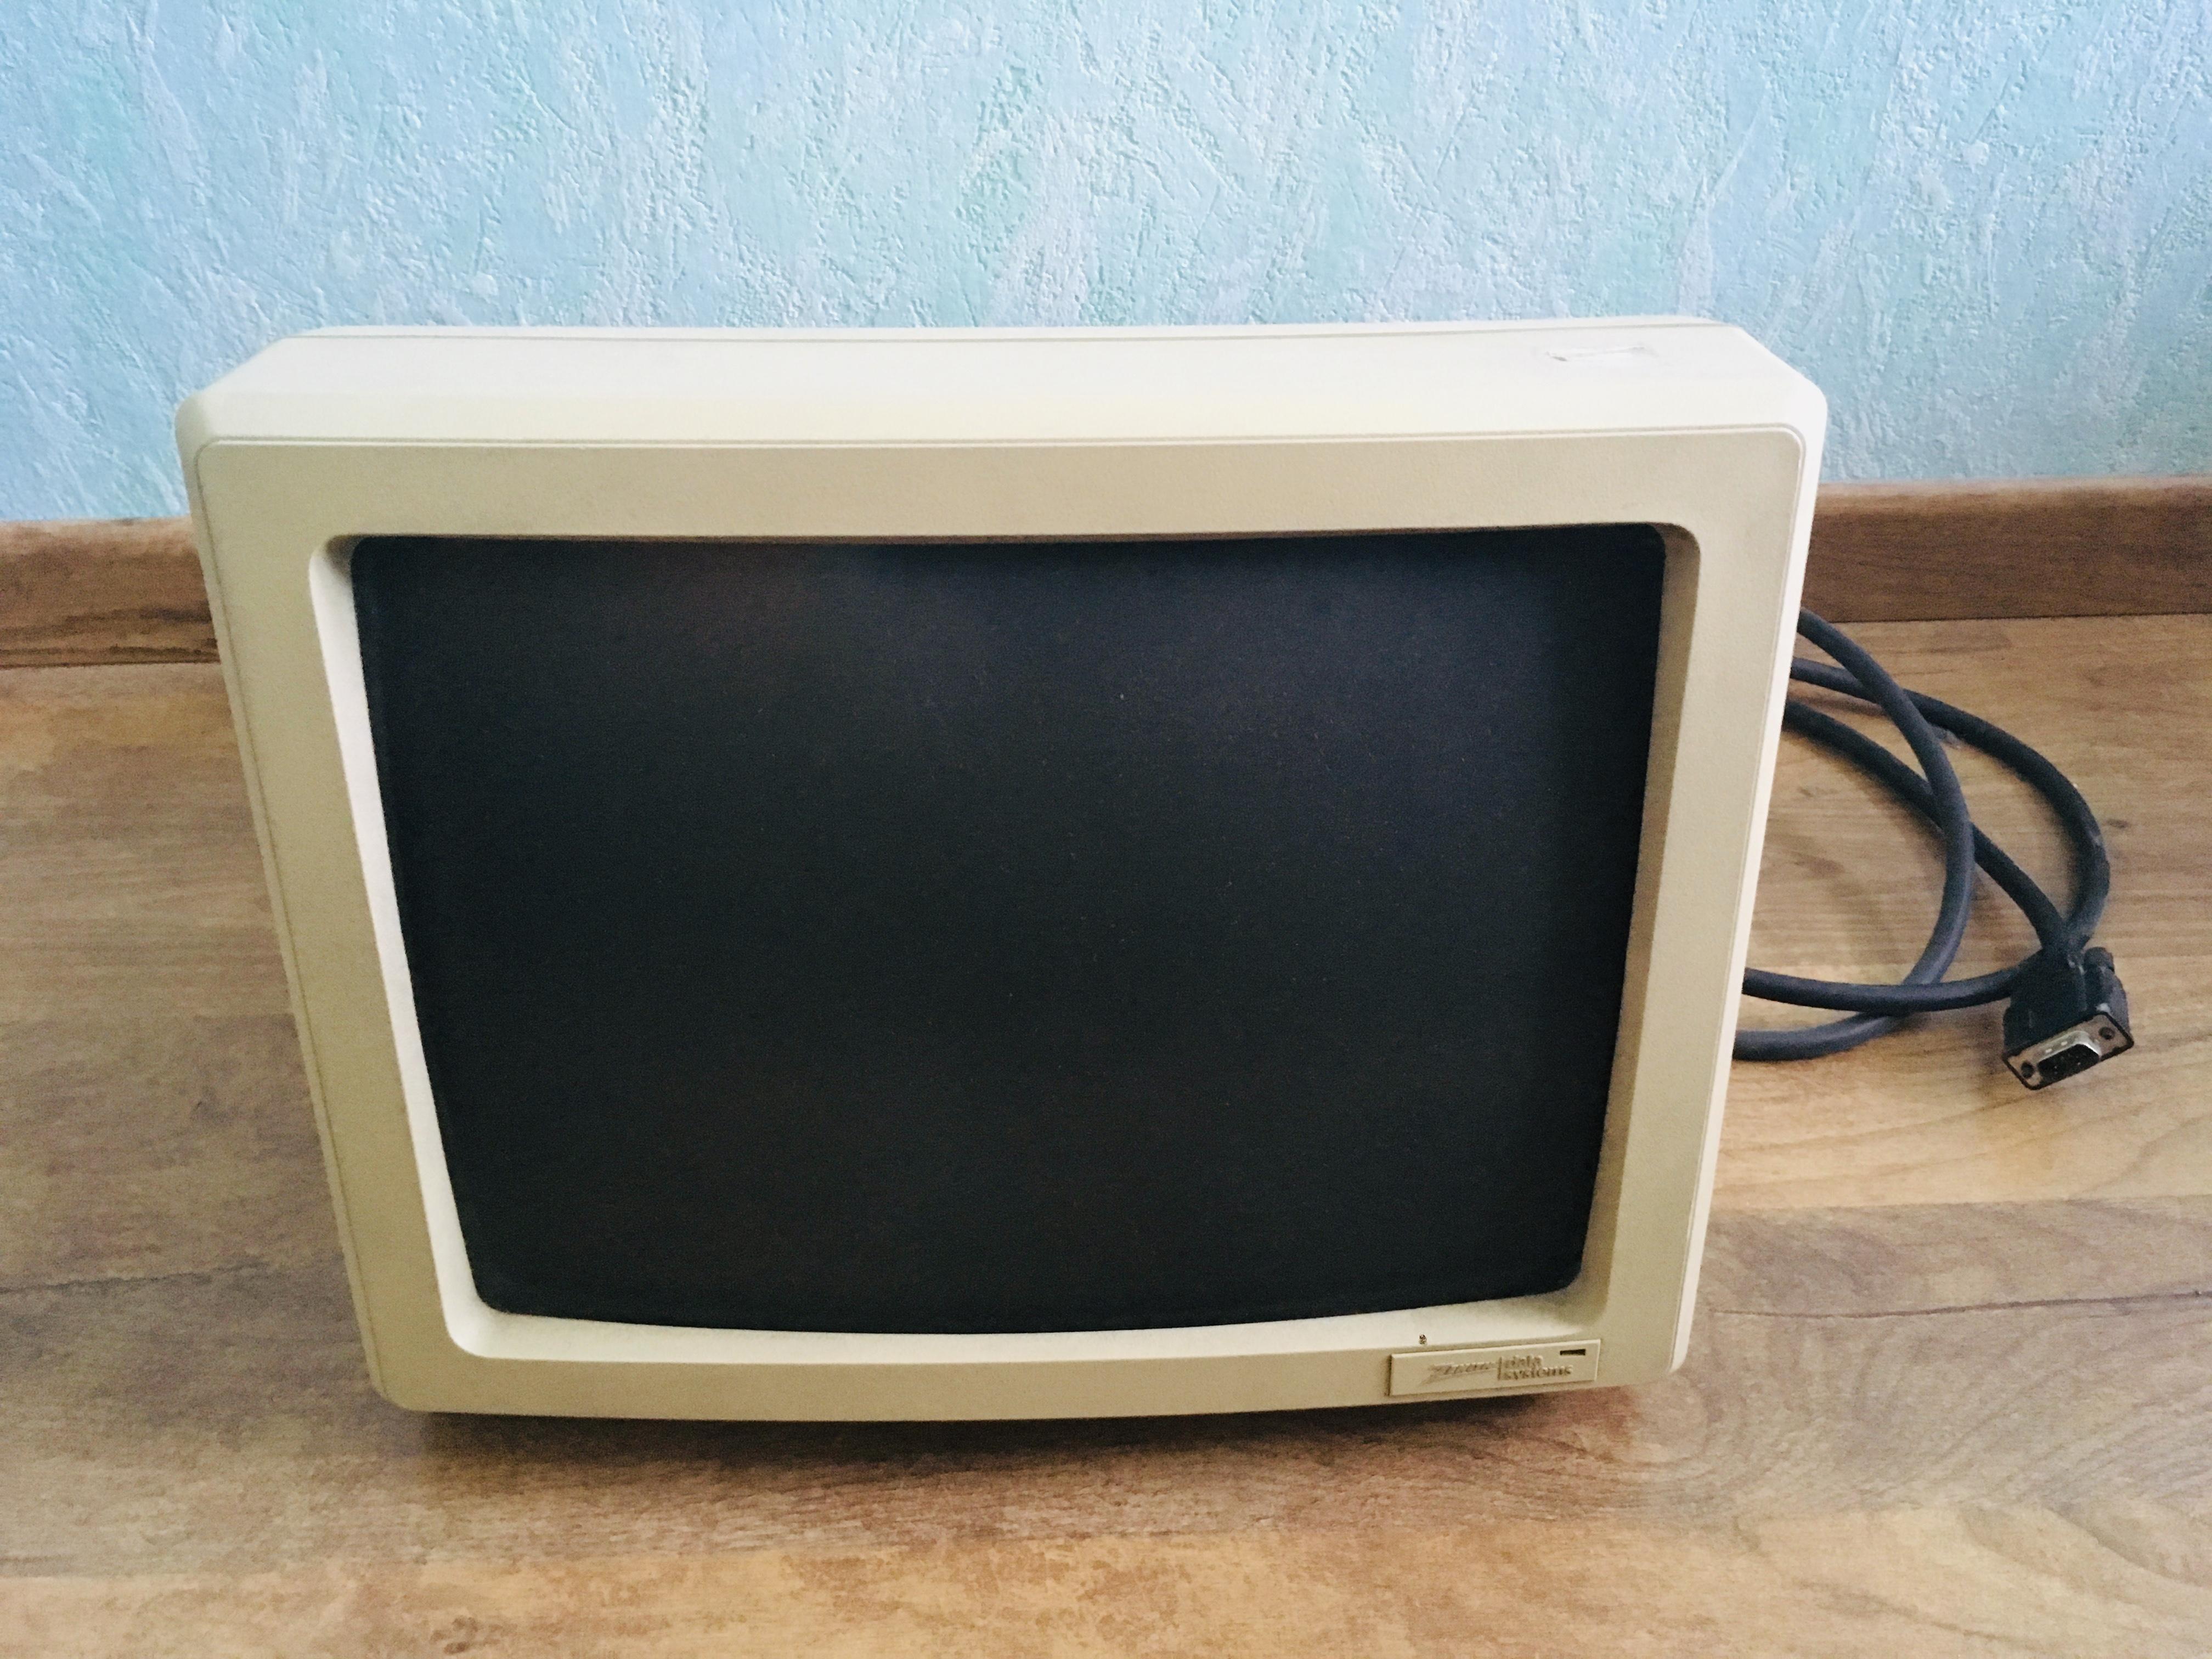 troc de troc 3 écrans ordinateurs à tube cathodique (crt) image 0